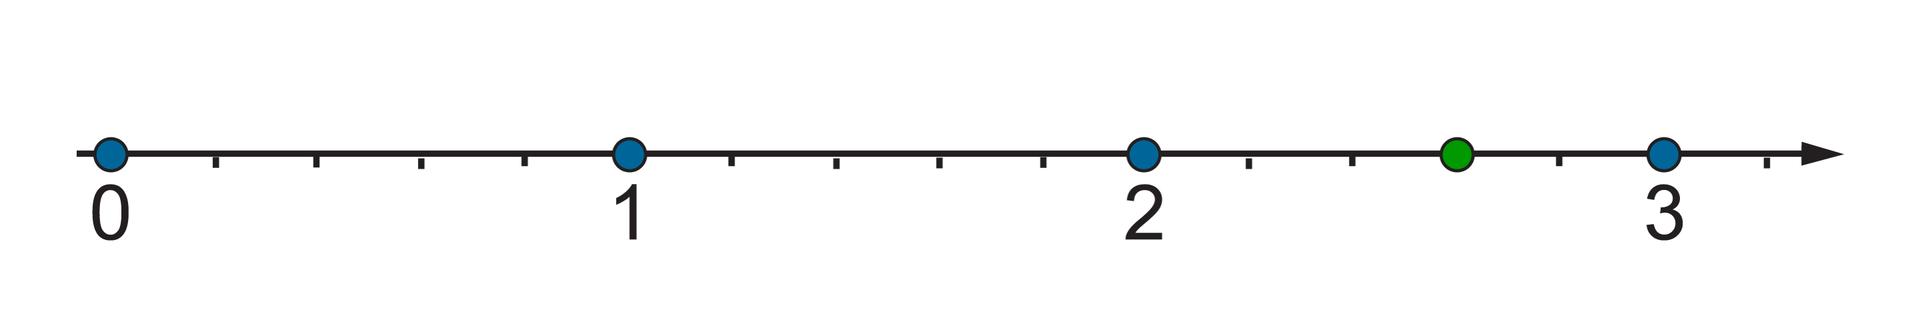 Rysunek osi liczbowej zzaznaczonymi punktami 0, 1, 2, 3. Odcinek jednostkowy podzielony na pięć równych części. Szukana liczba wyznacza trzy części za punktem 2.